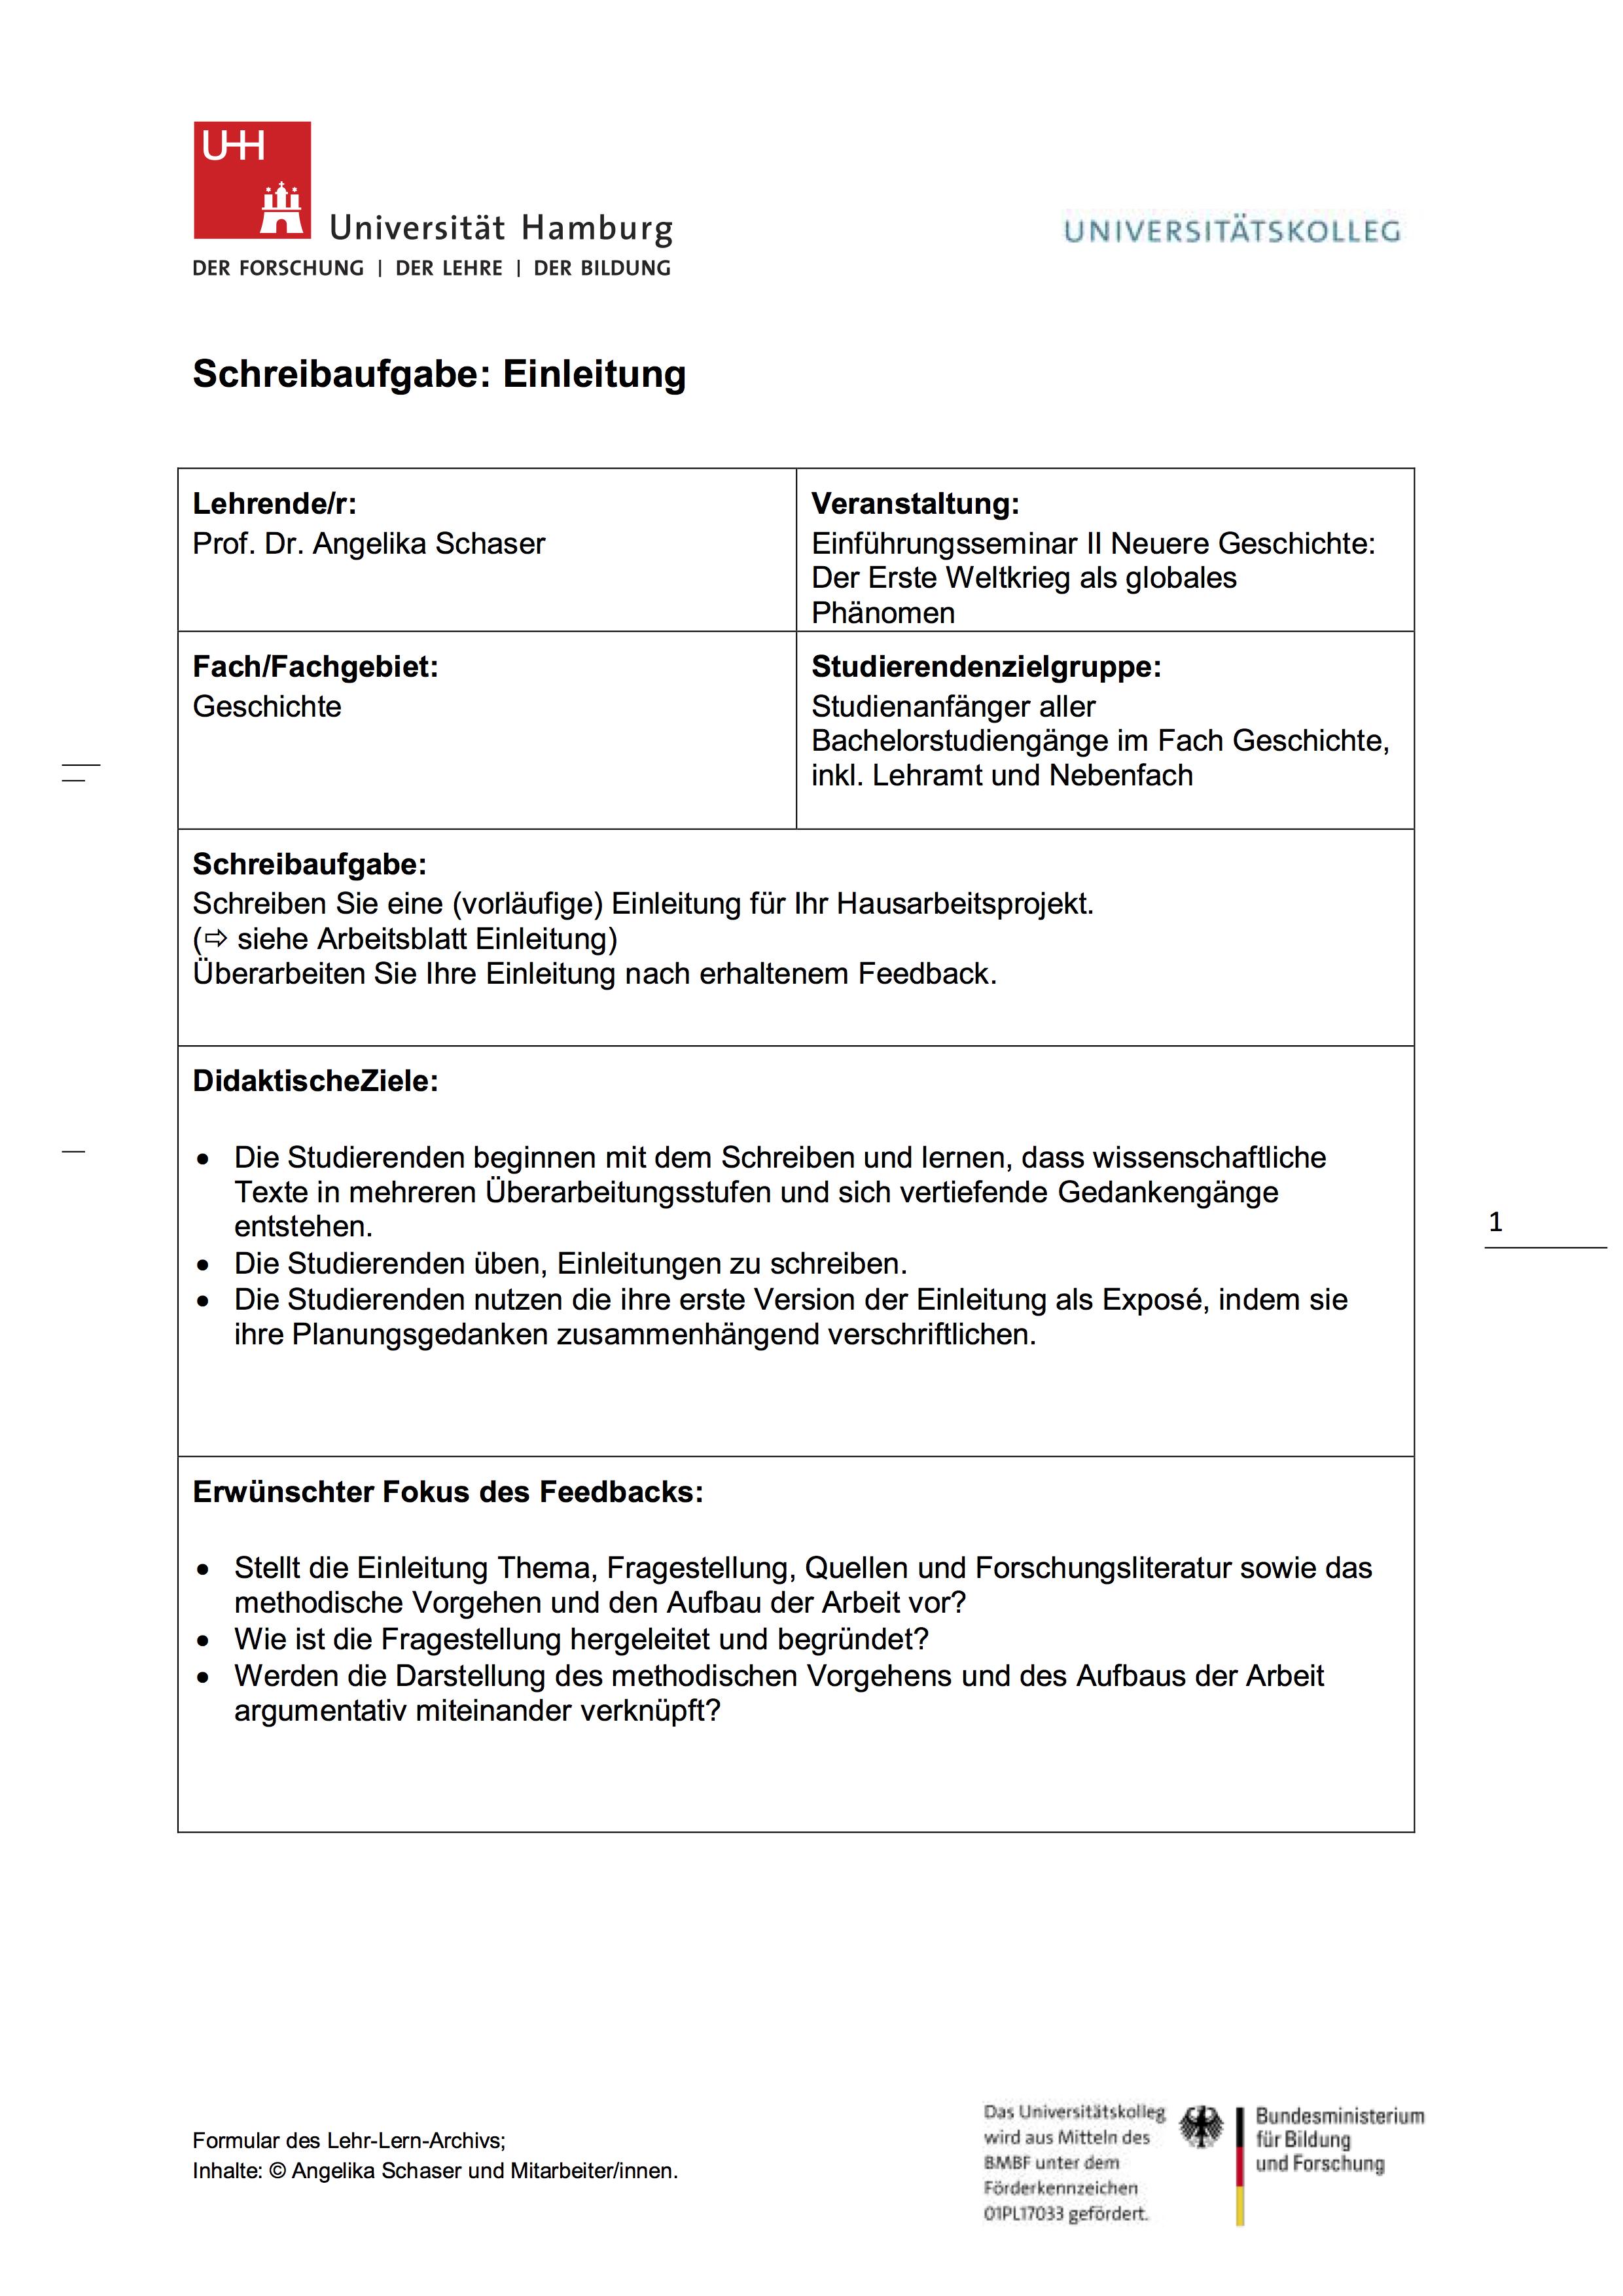 Berühmt Arbeitsblatt Für Wissenschaftliche Methodenvorlage Galerie ...